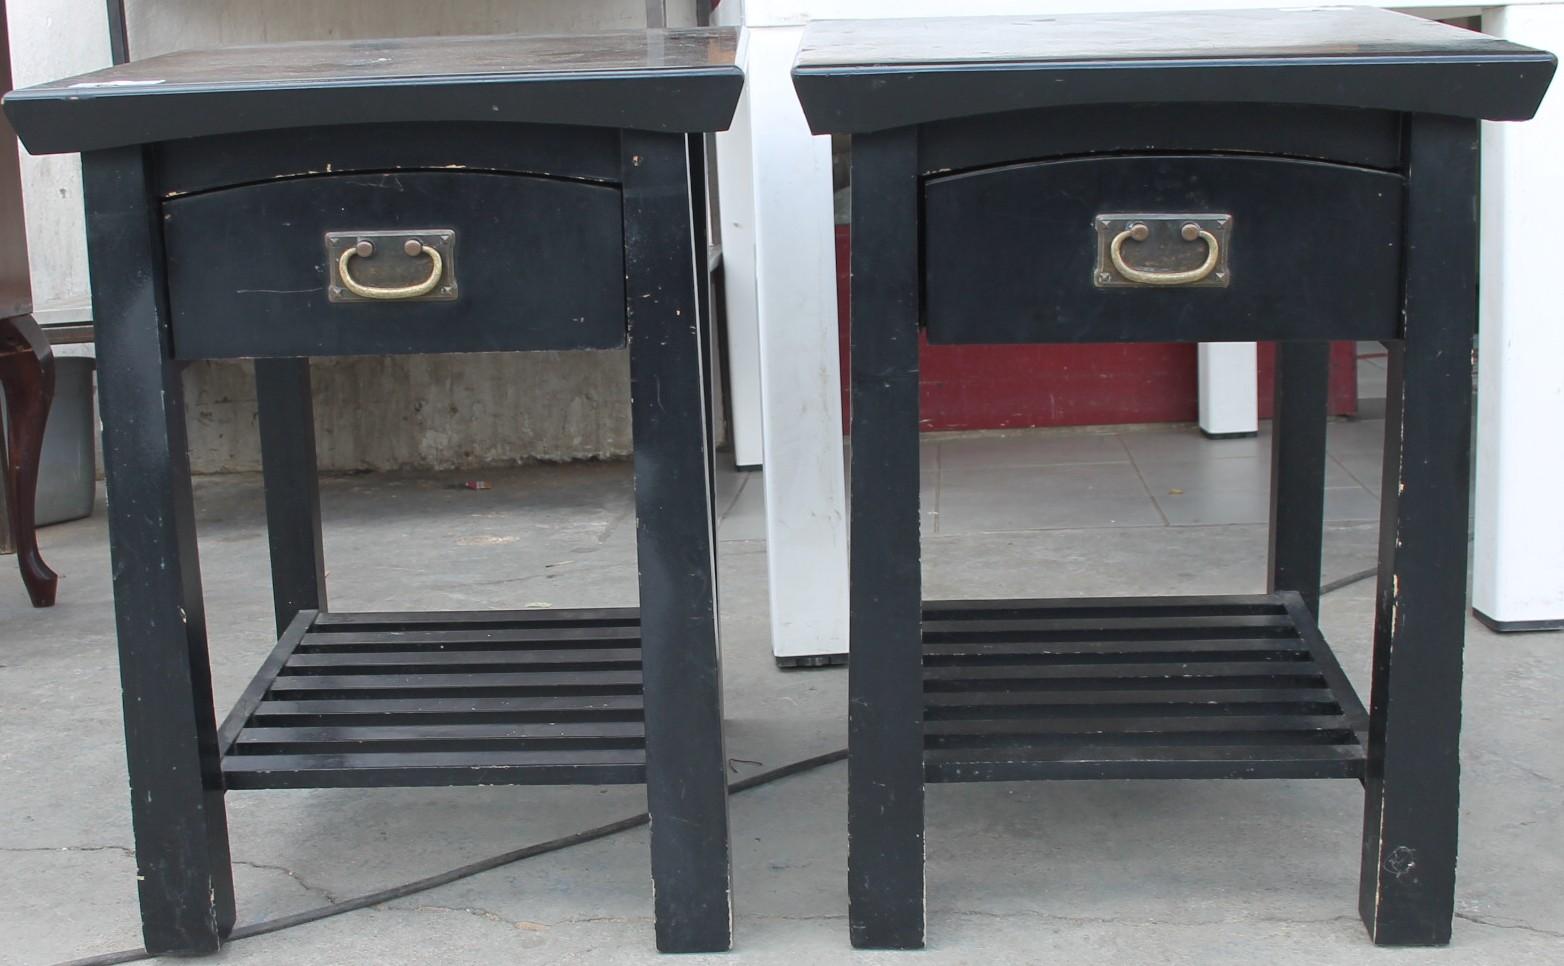 2x Black pedestals S027199a #Rosettenvillepawnshop